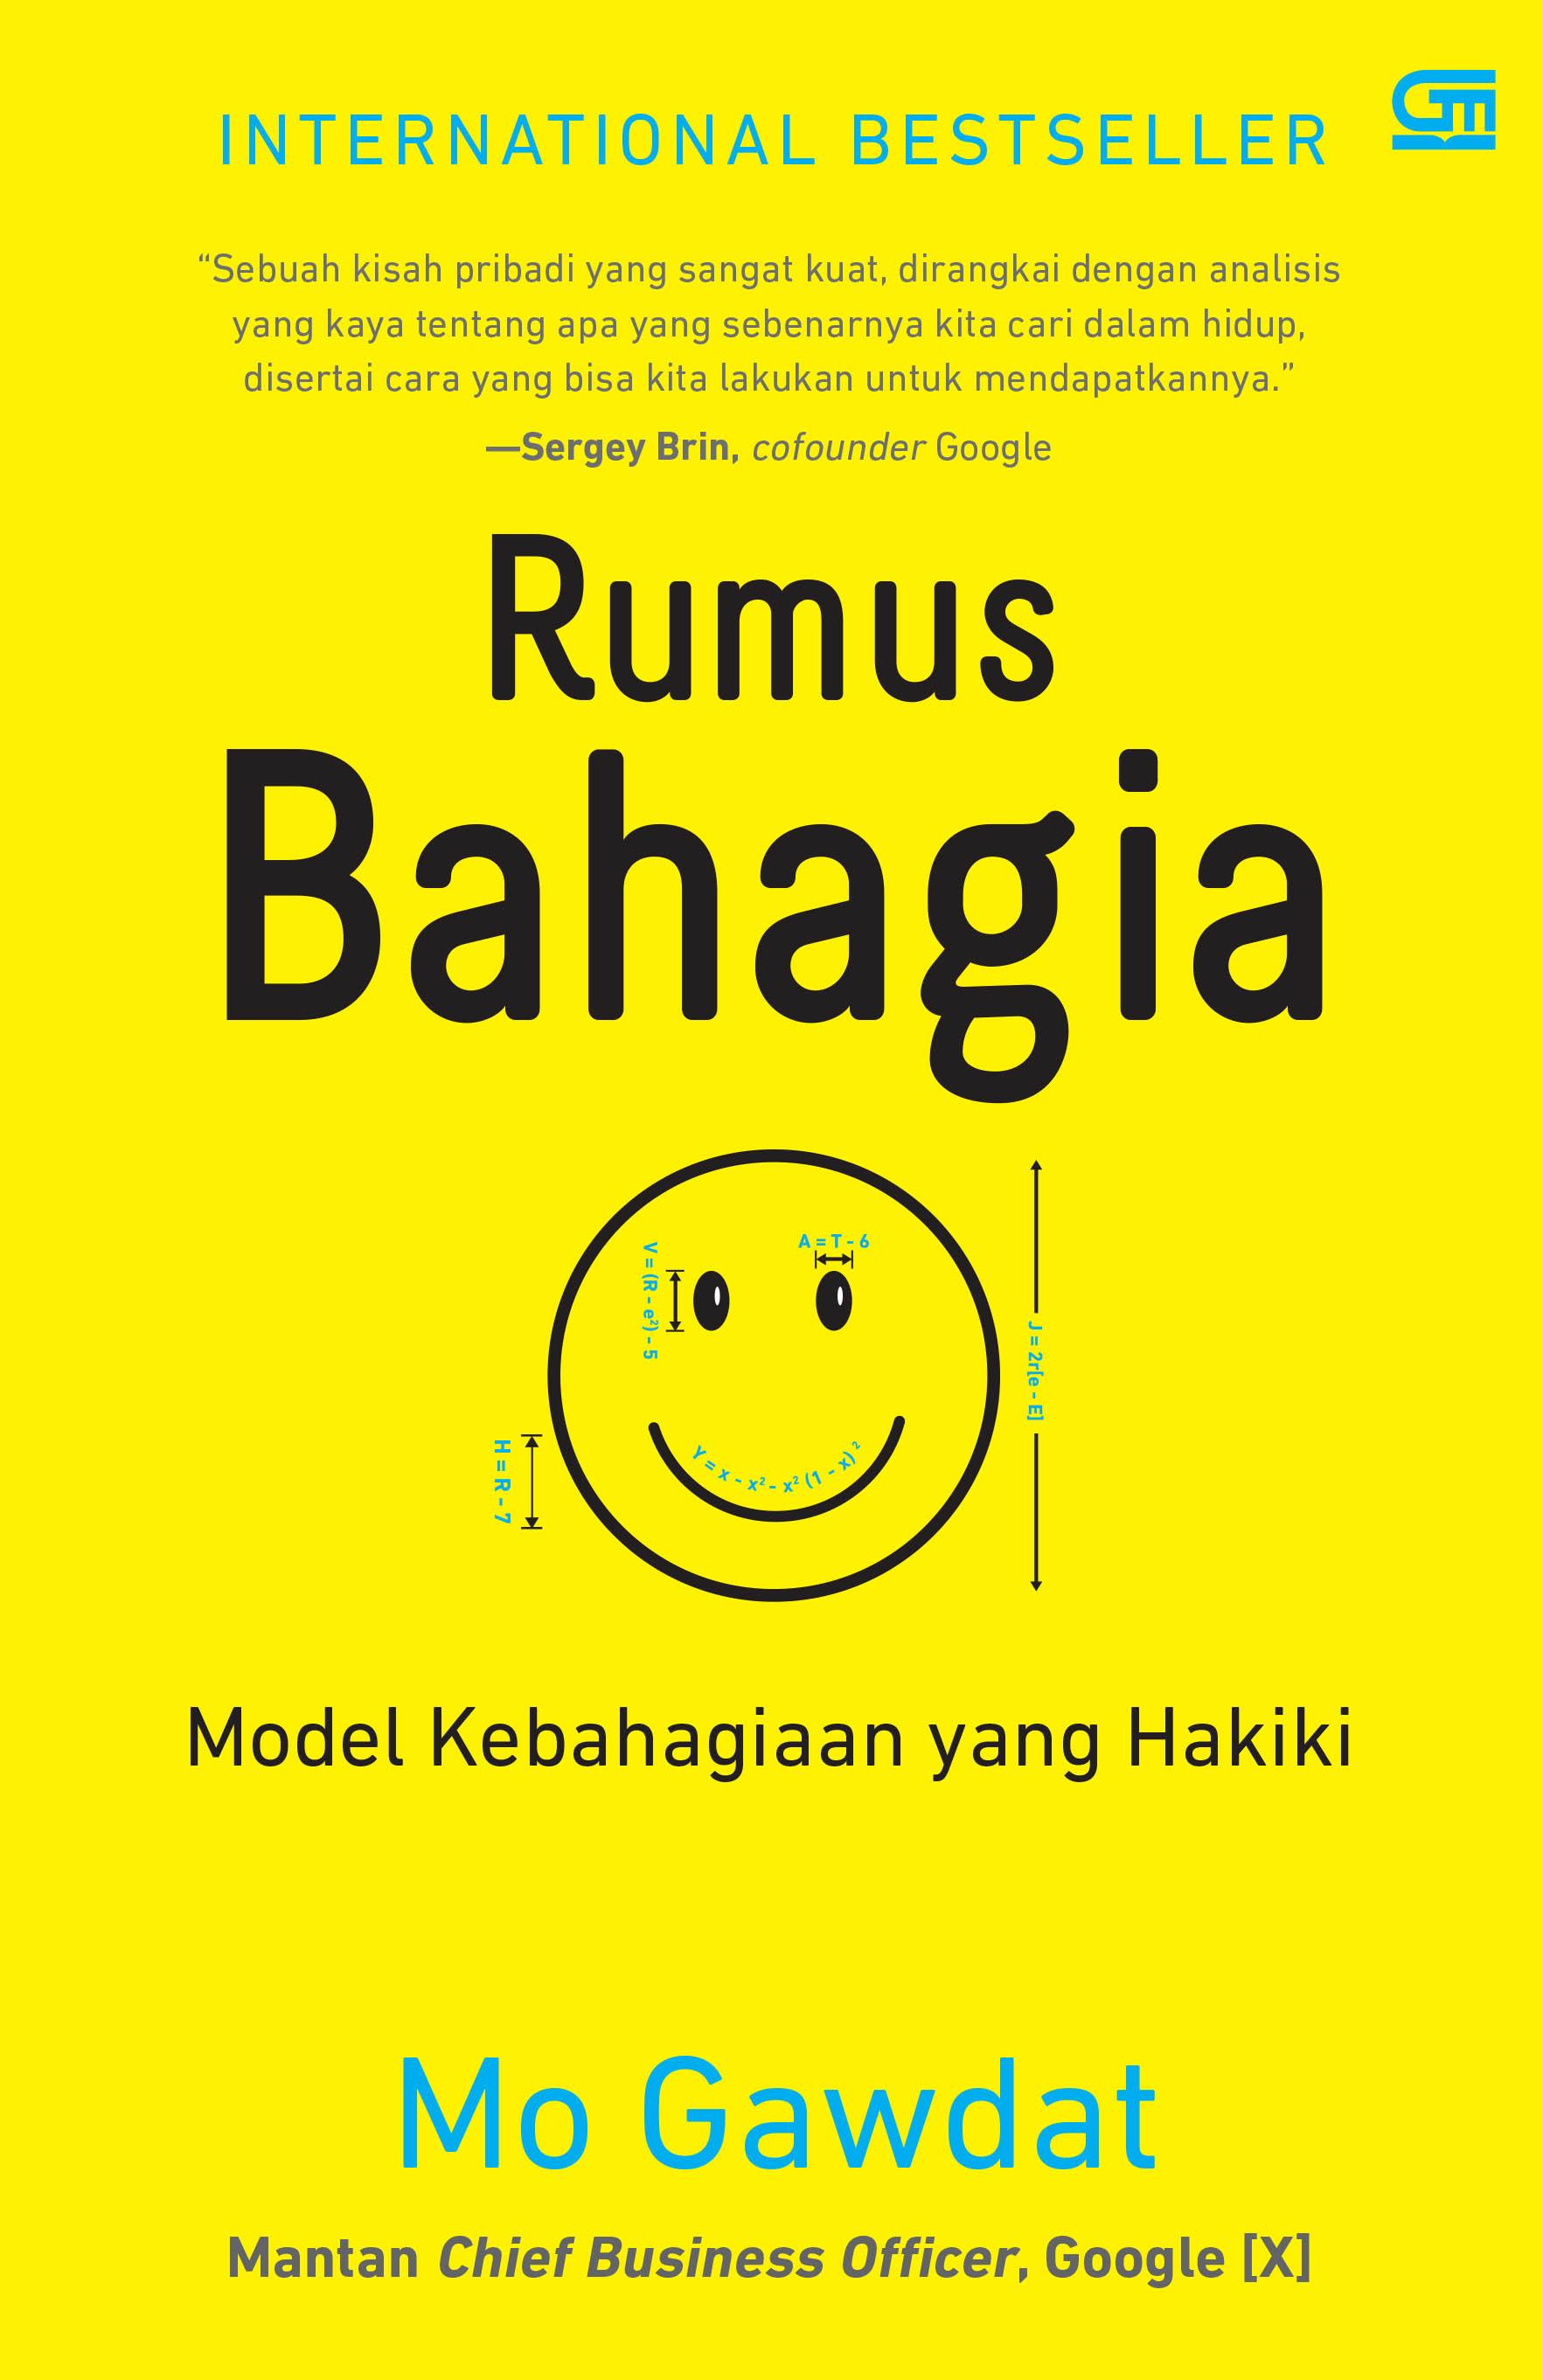 Rumus Bahagia: Model Kebahagiaan yang Hakiki